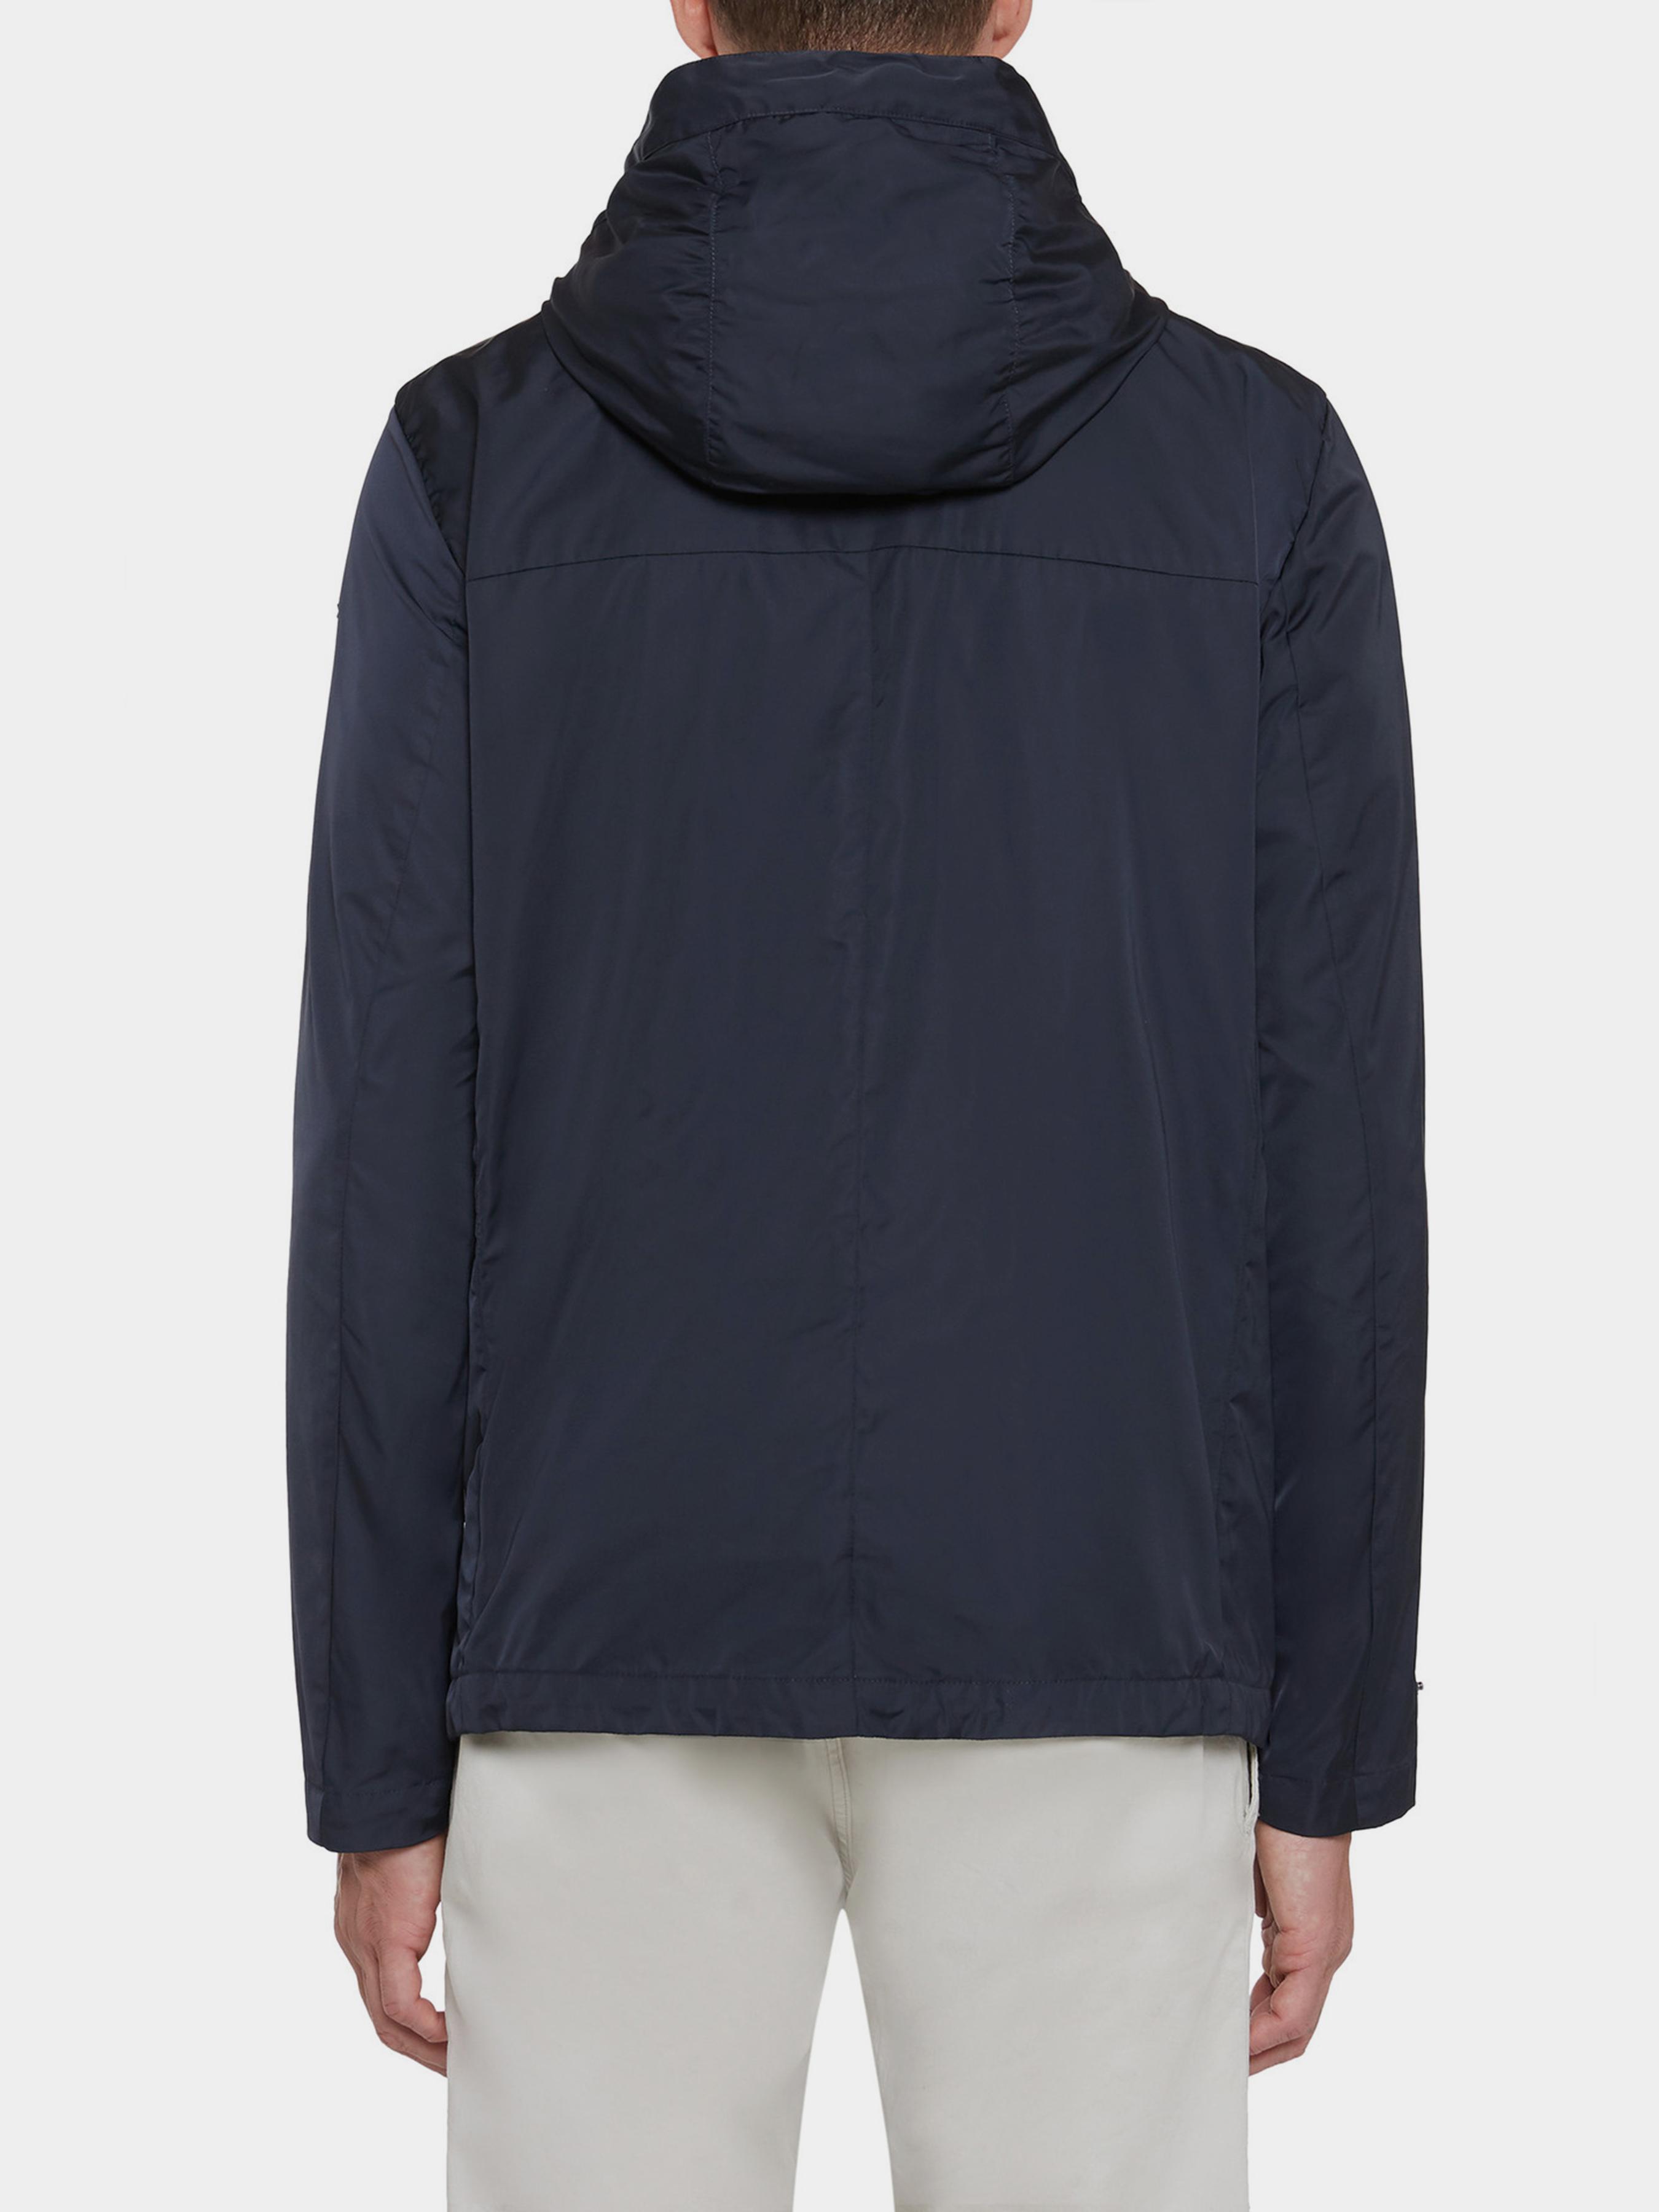 Куртка Geox M1221G-T2600-F4386